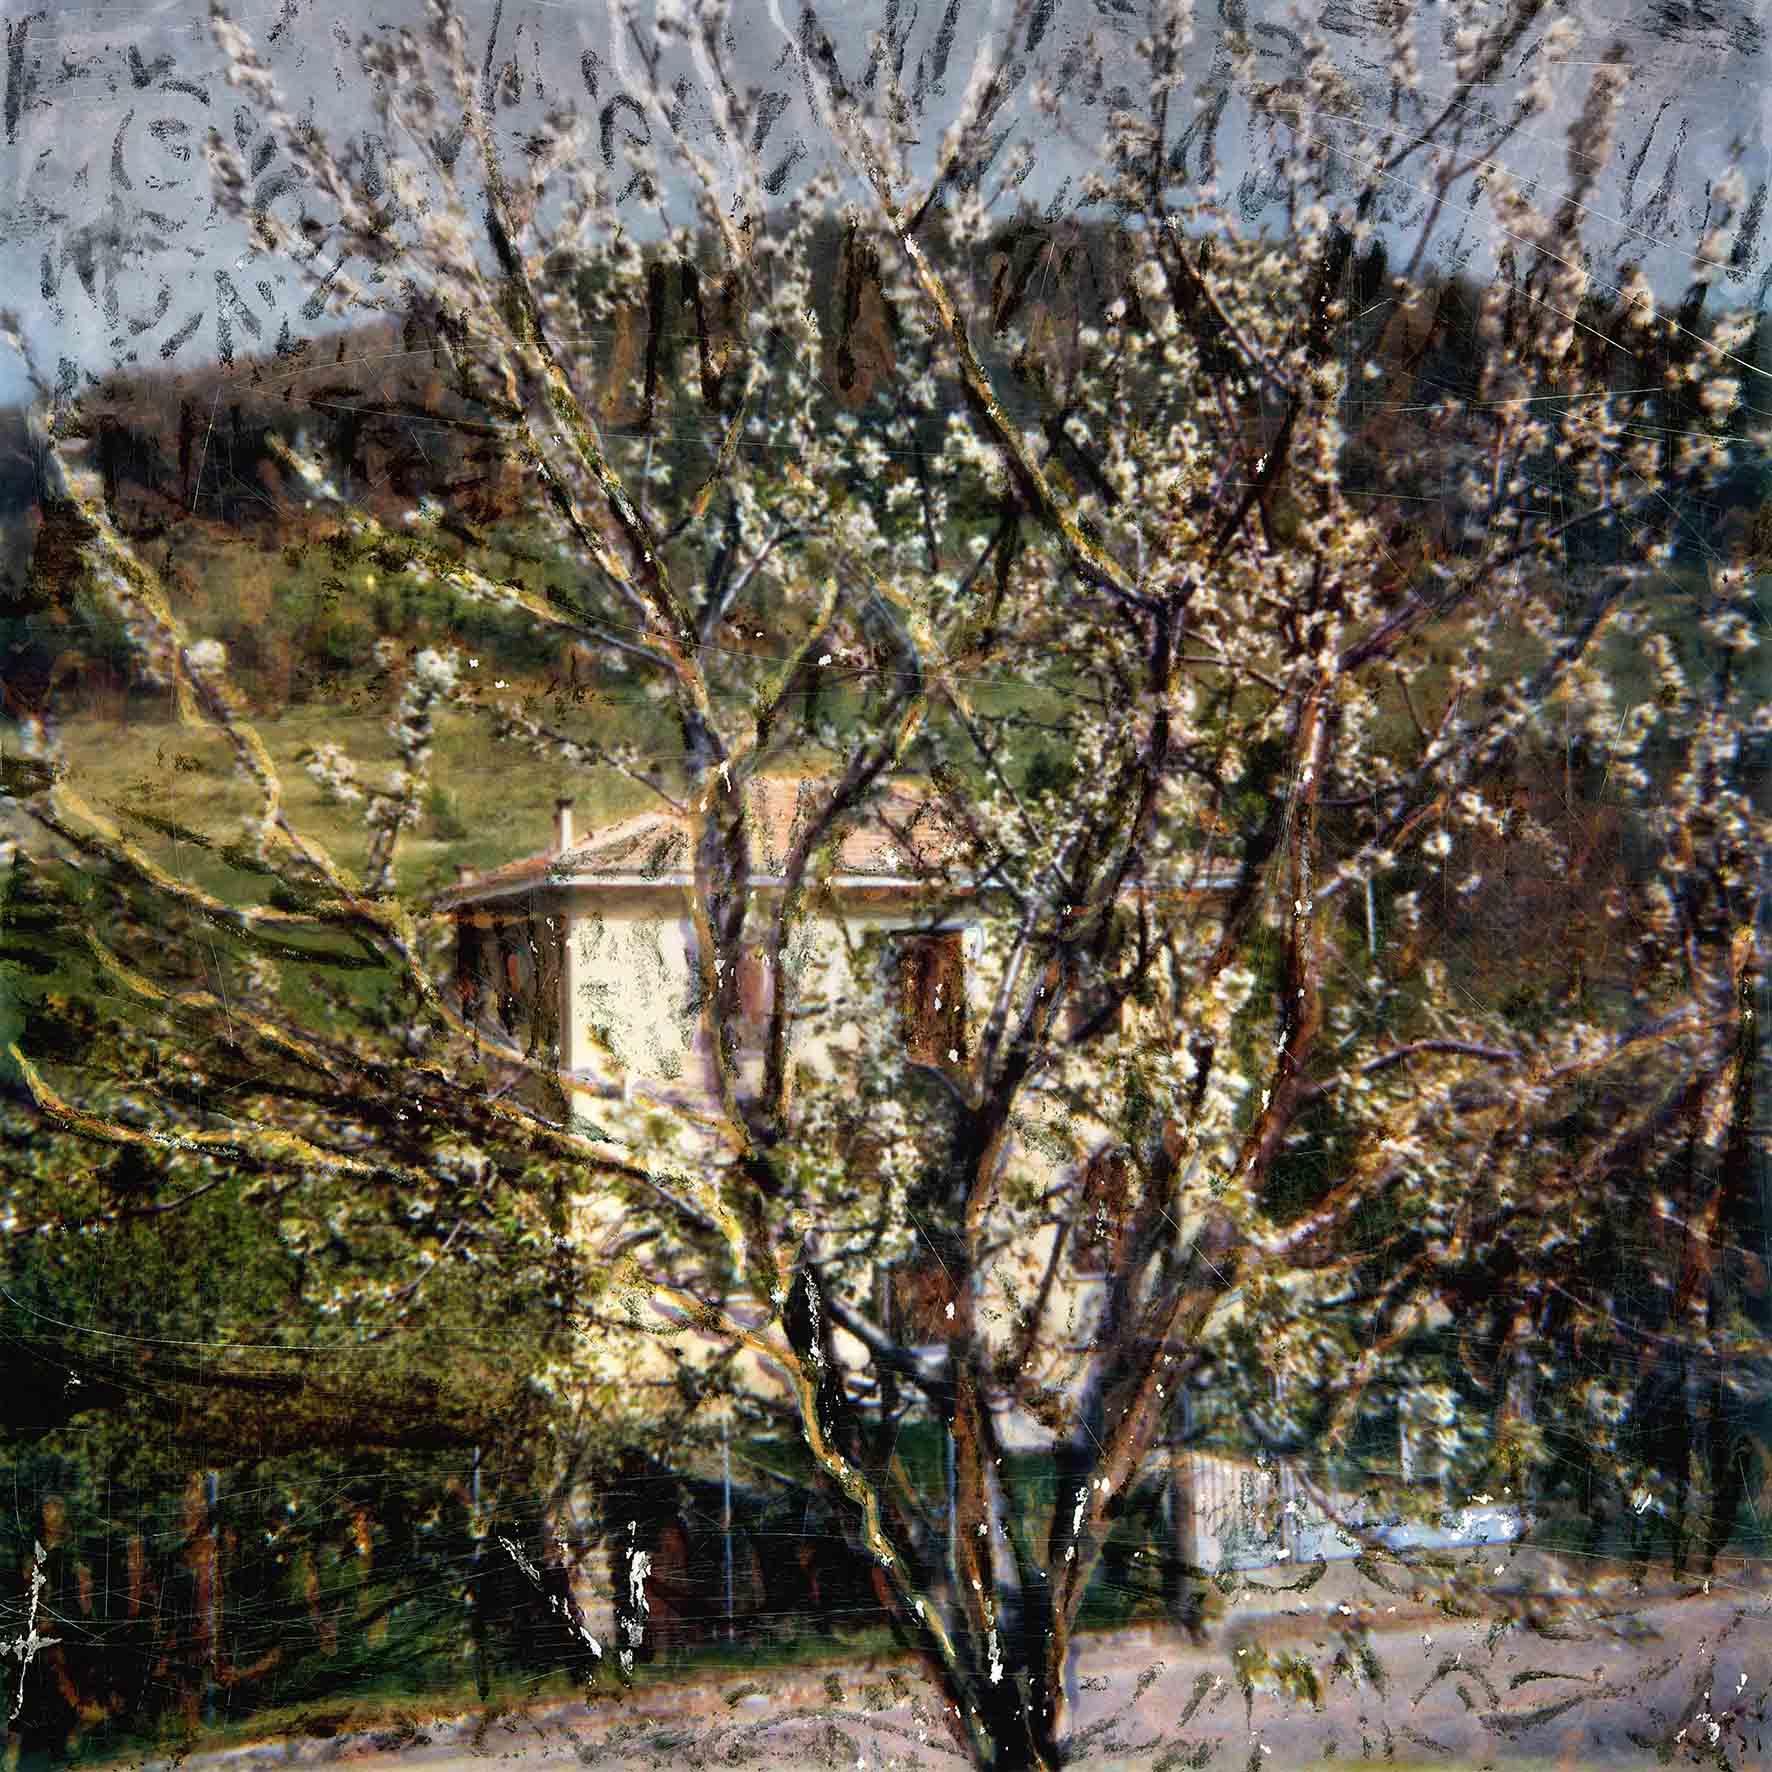 """Nino Migliori, série """"Il luoghi di Morandi"""" (1985) © Fondazione Nino Migliori, Bologna, Italie"""